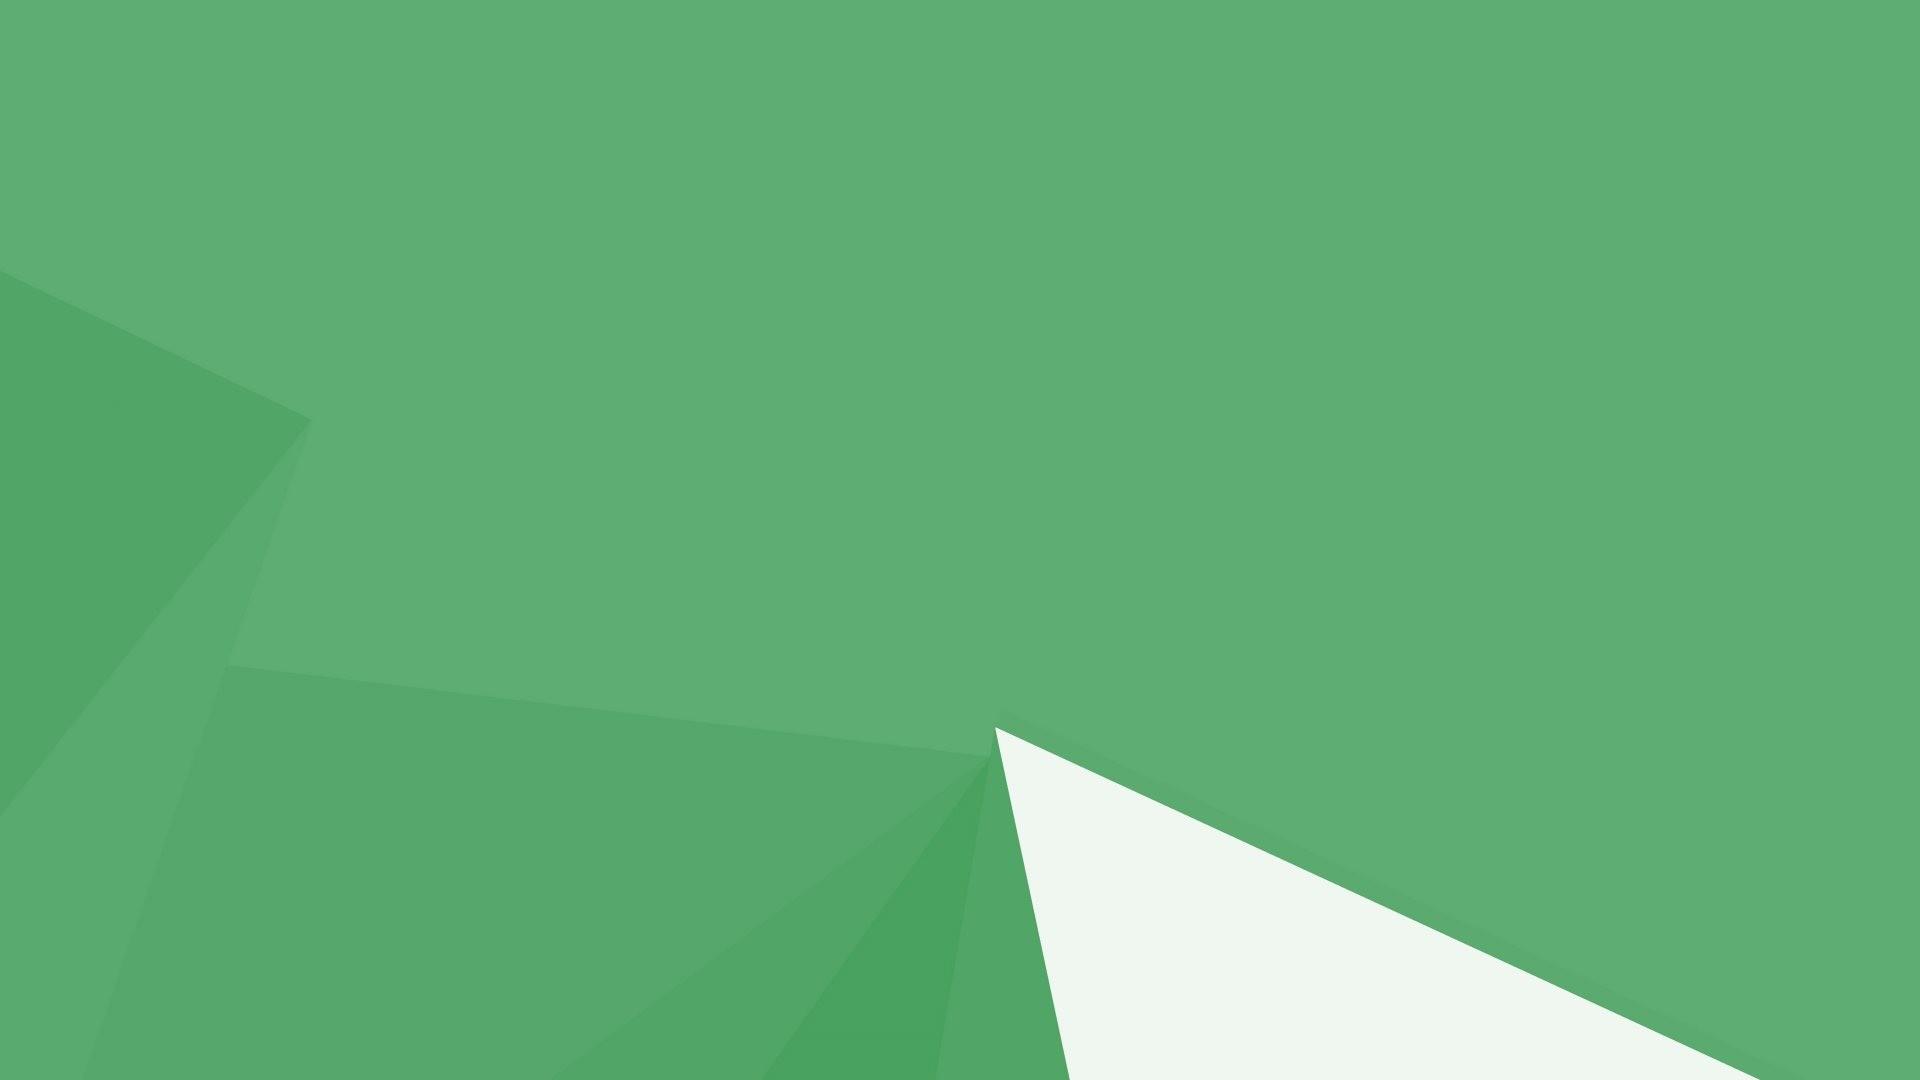 4K HD Wallpaper: Minimal Windows 8.1 Green